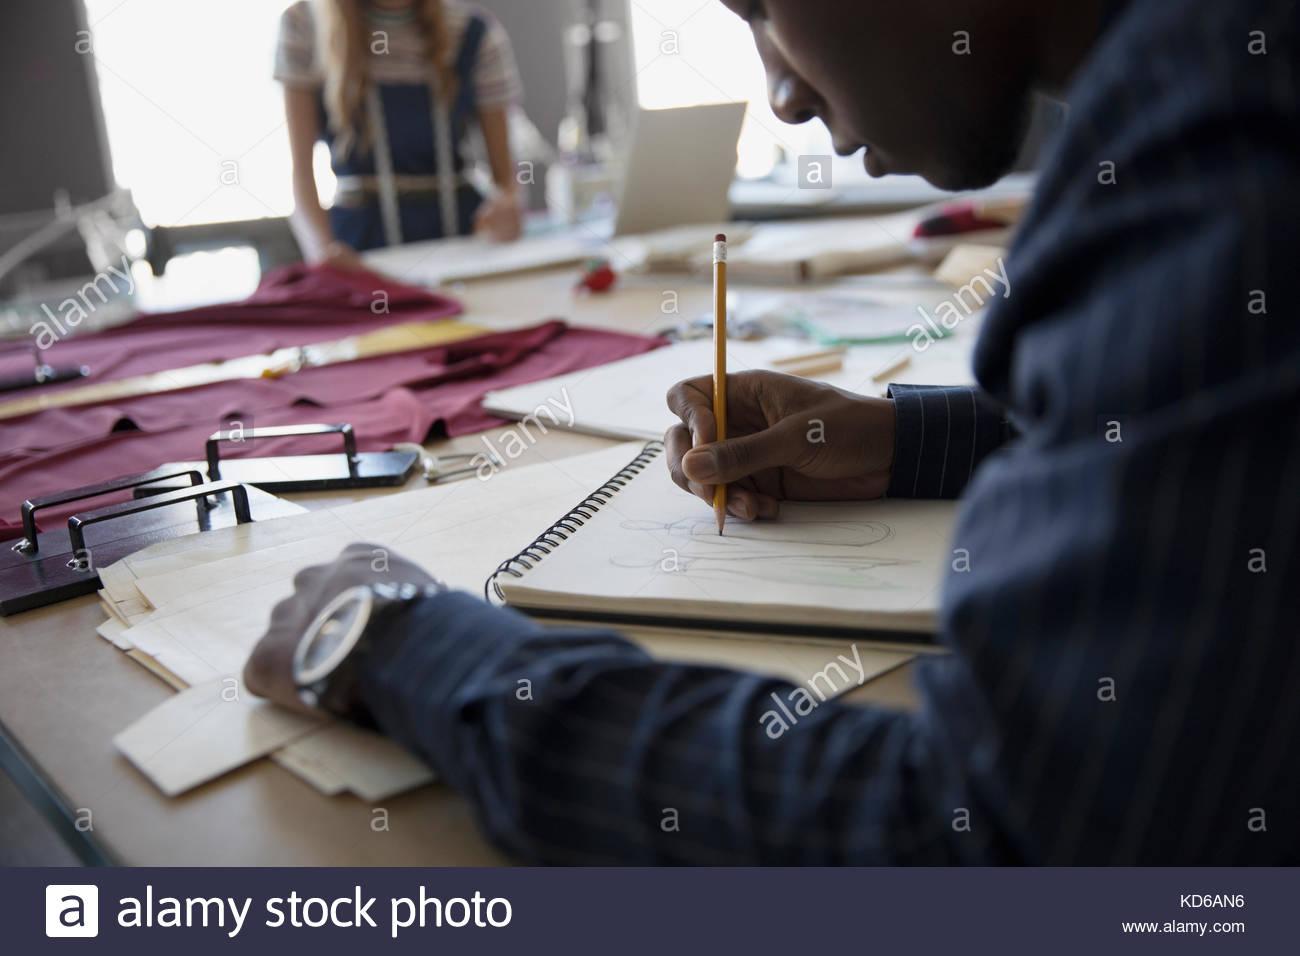 Männliche Fashion Design student Skizzieren in der Workbench Stockbild